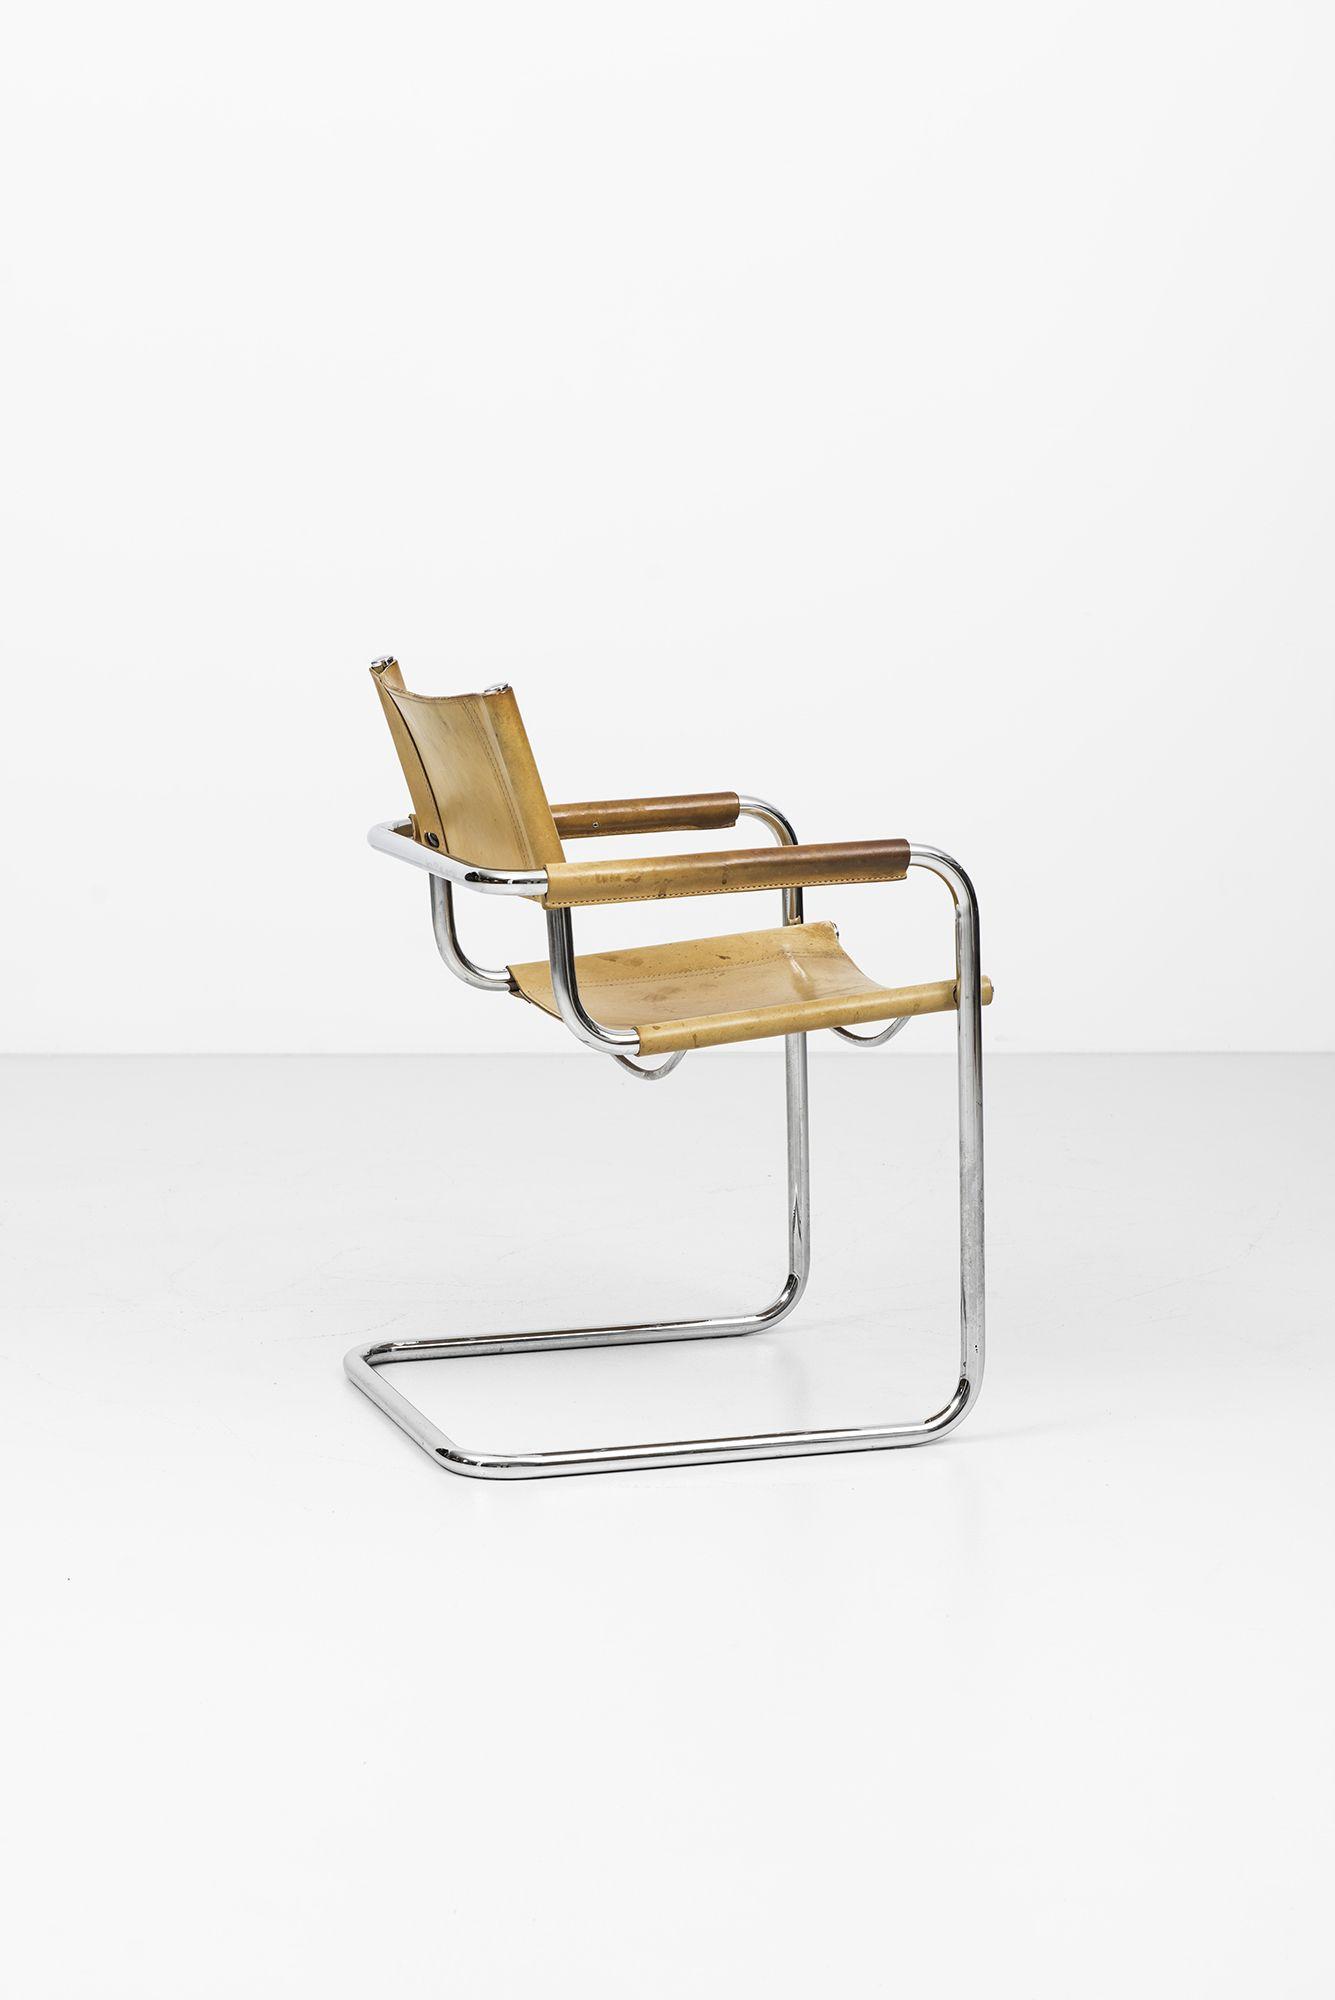 Mart Stam armchairs Chair design, Mart stam, Outdoor chairs